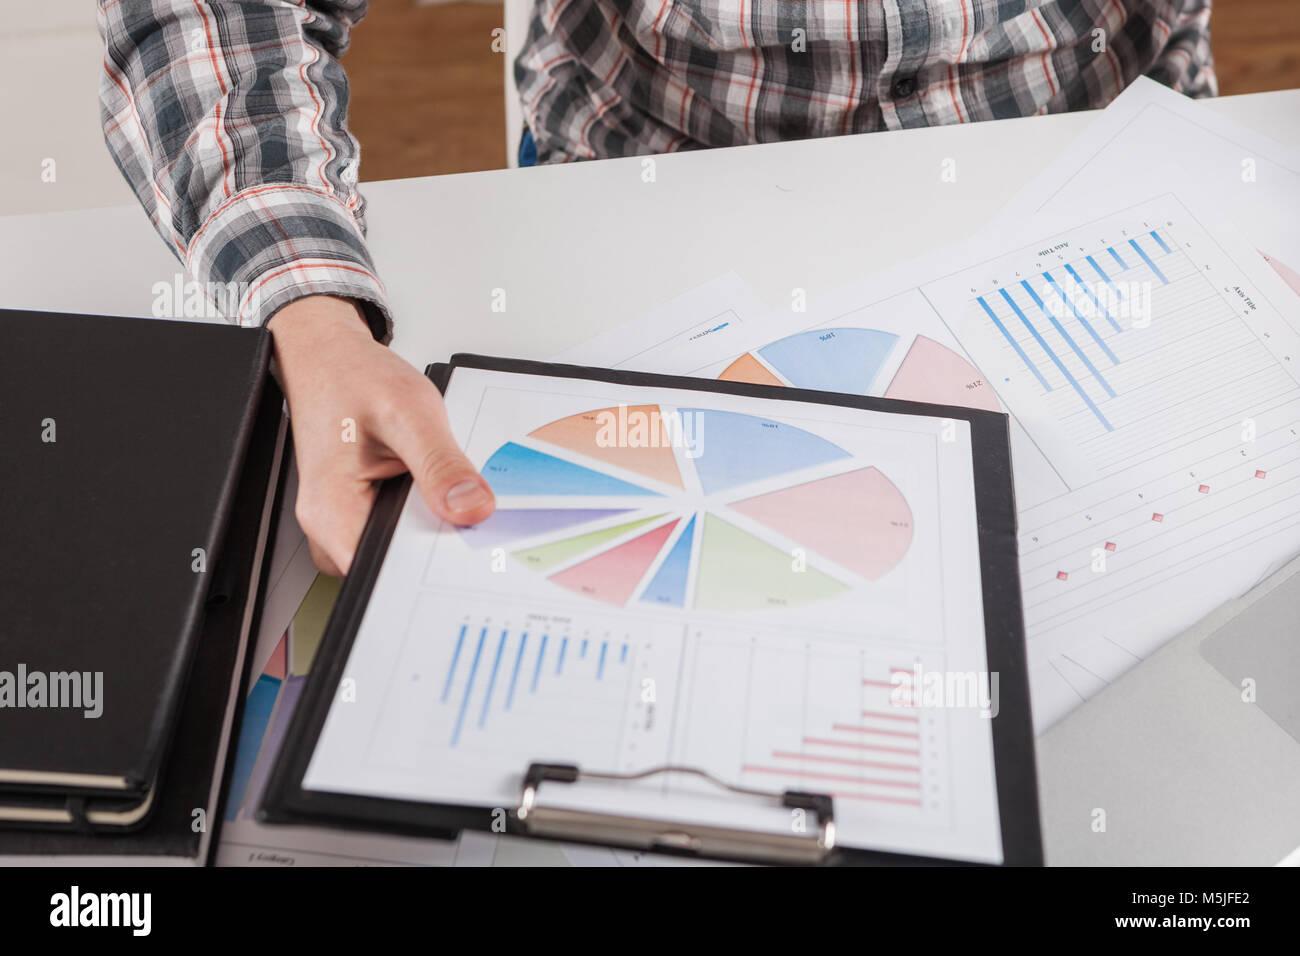 Graphique du marché boursier et pointer du doigt Photo Stock